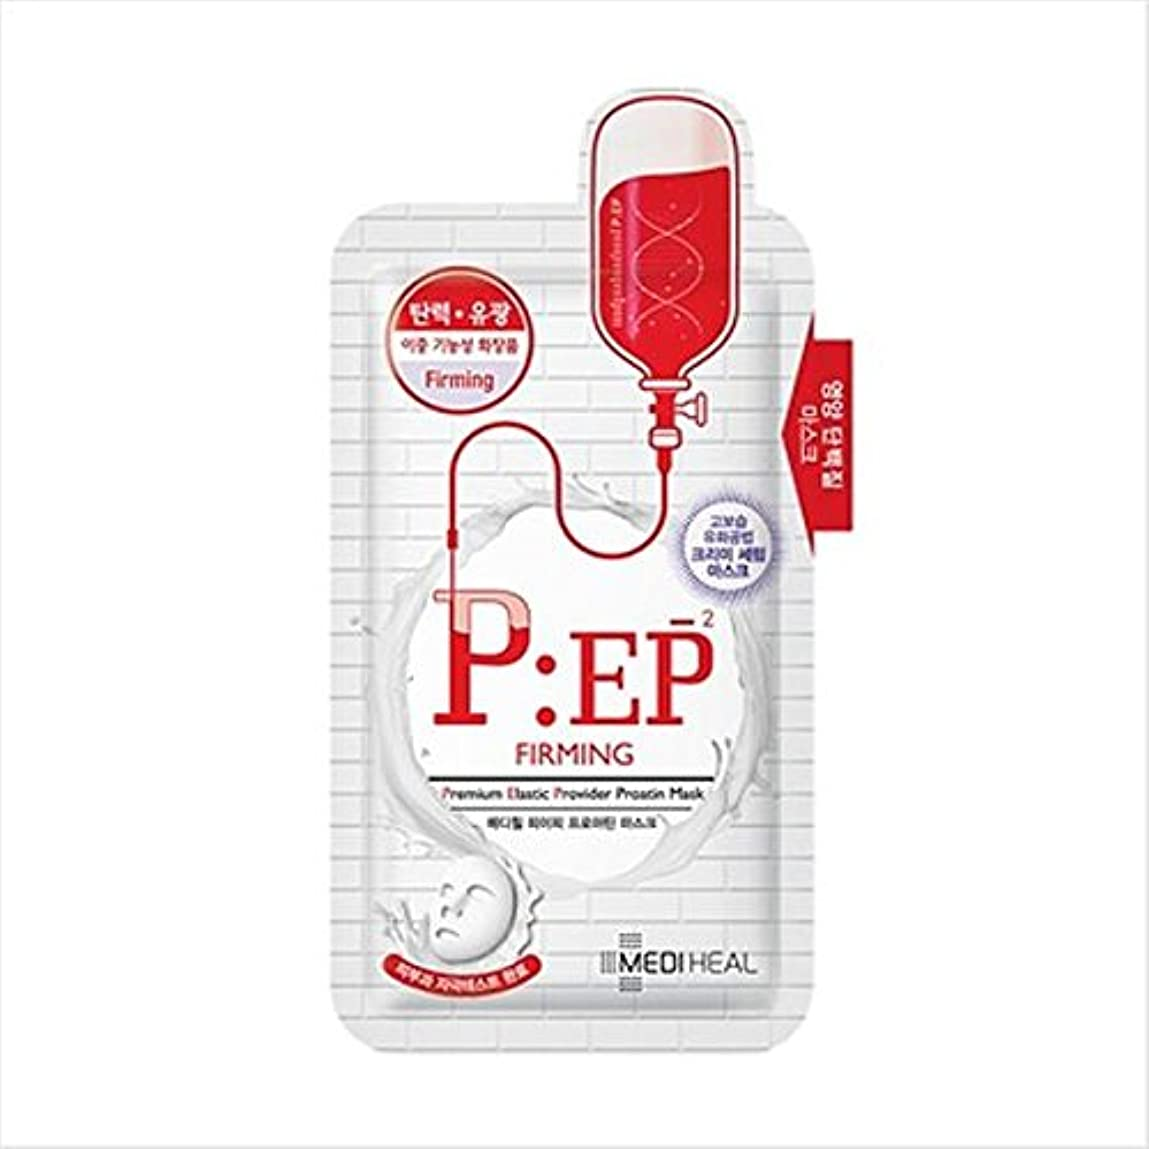 コンペマーケティング社説Mediheal P.E.P メディエアファーミングプロテインマスク(アクアリング)25 g x 10枚[並行輸入品]